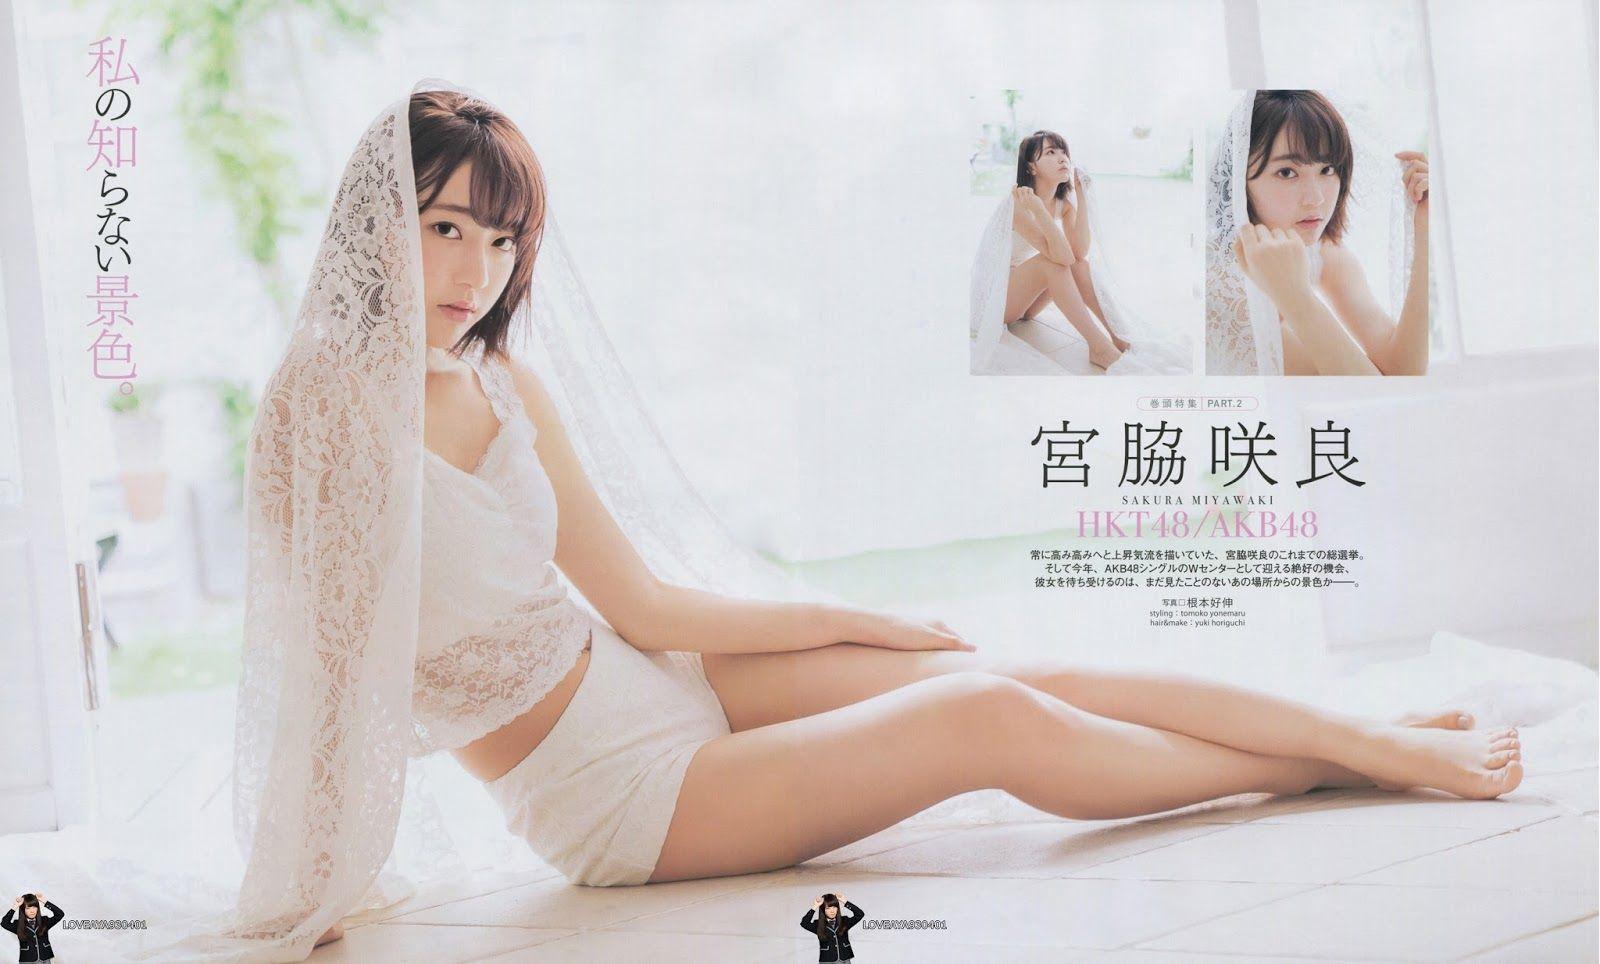 miyawaki sakura 宮脇咲良 bomb 2016 07 ボム 2016年07月号 famous models fashion model